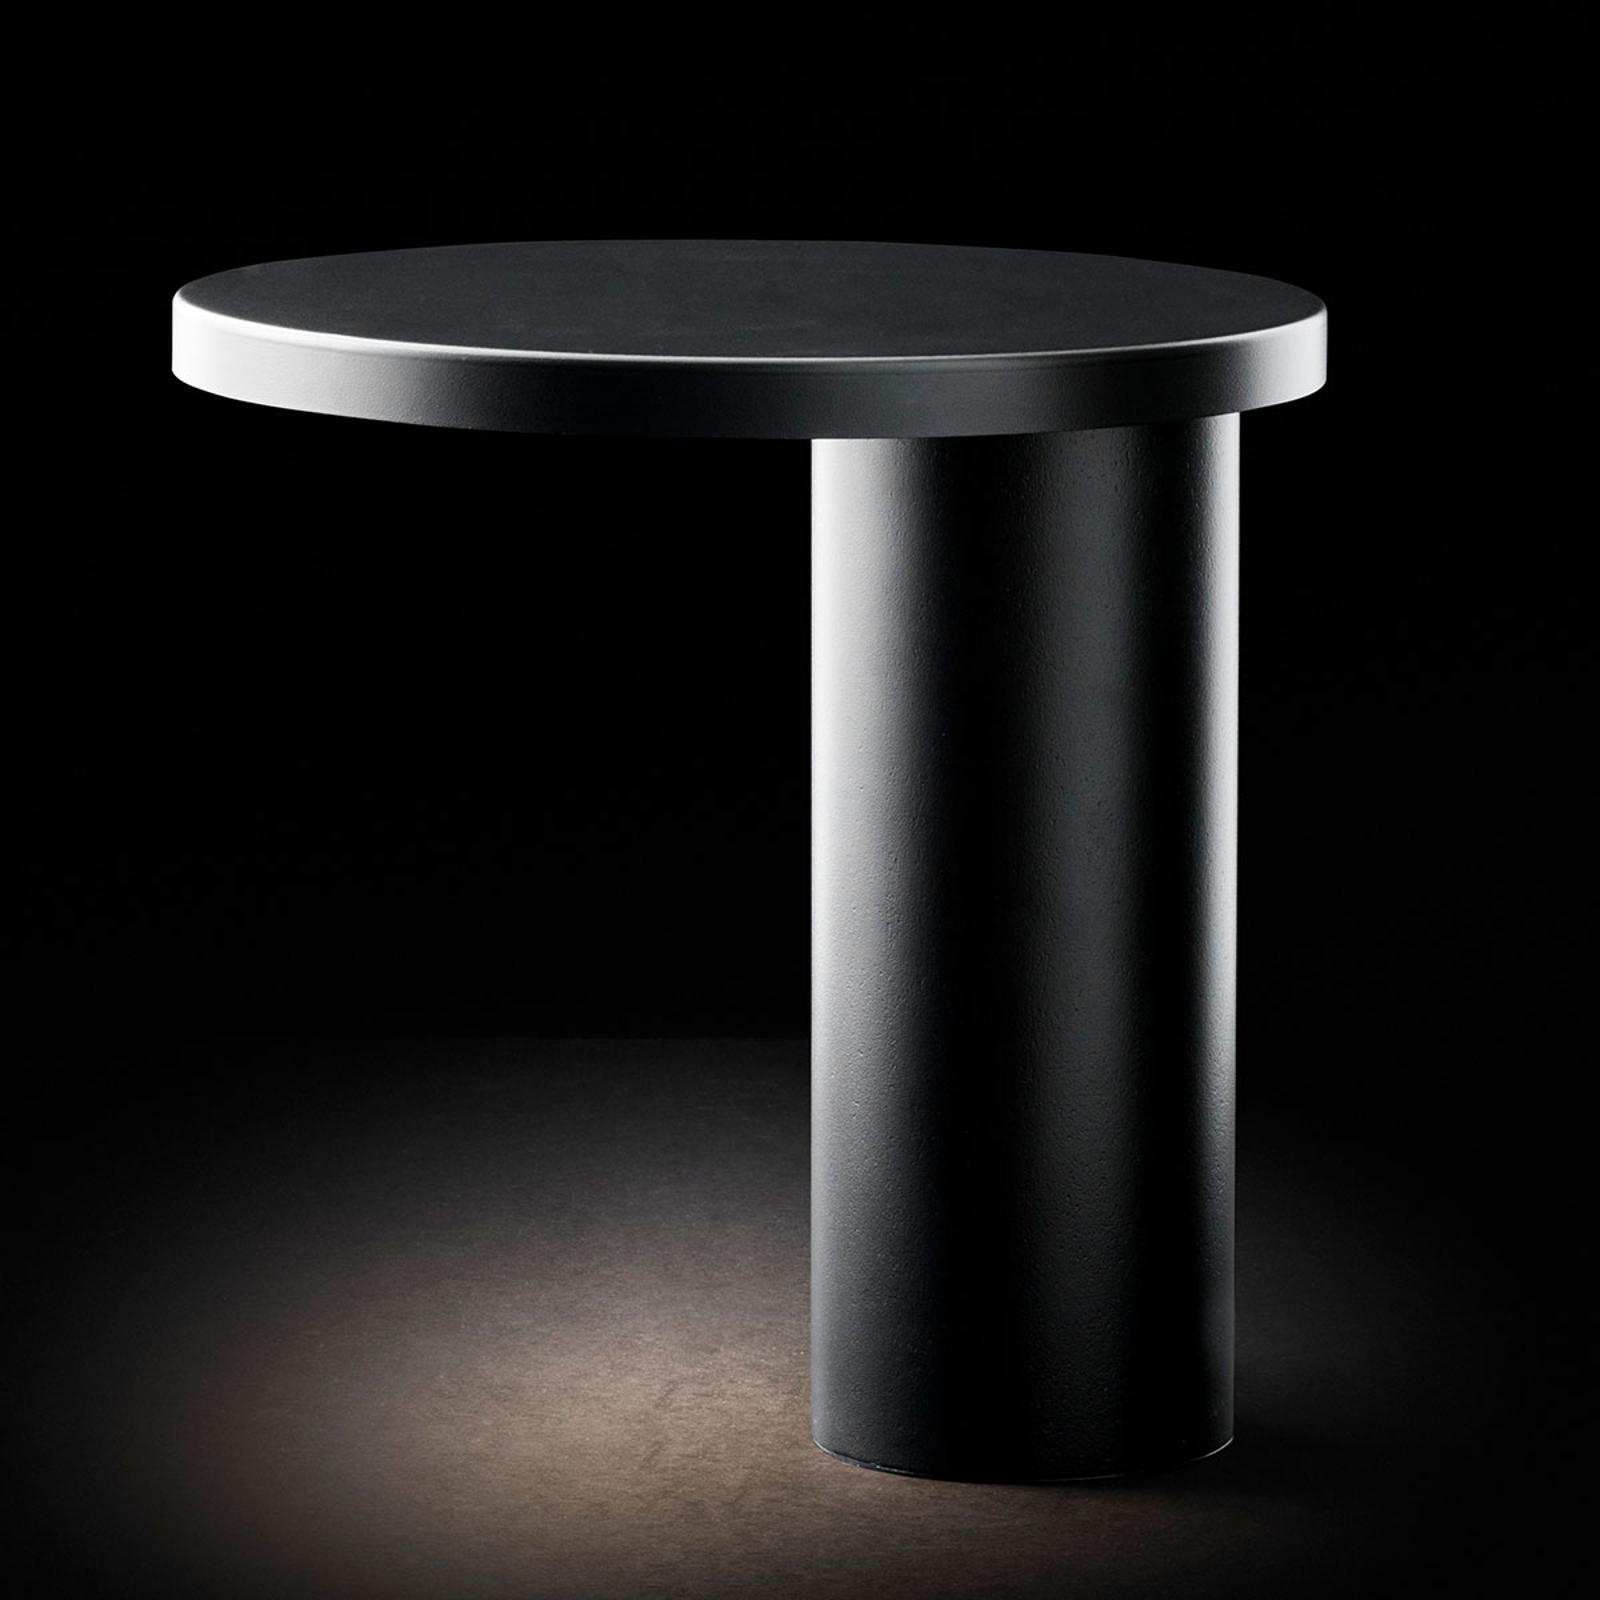 Oluce Cylinda lampe à poser LED noire